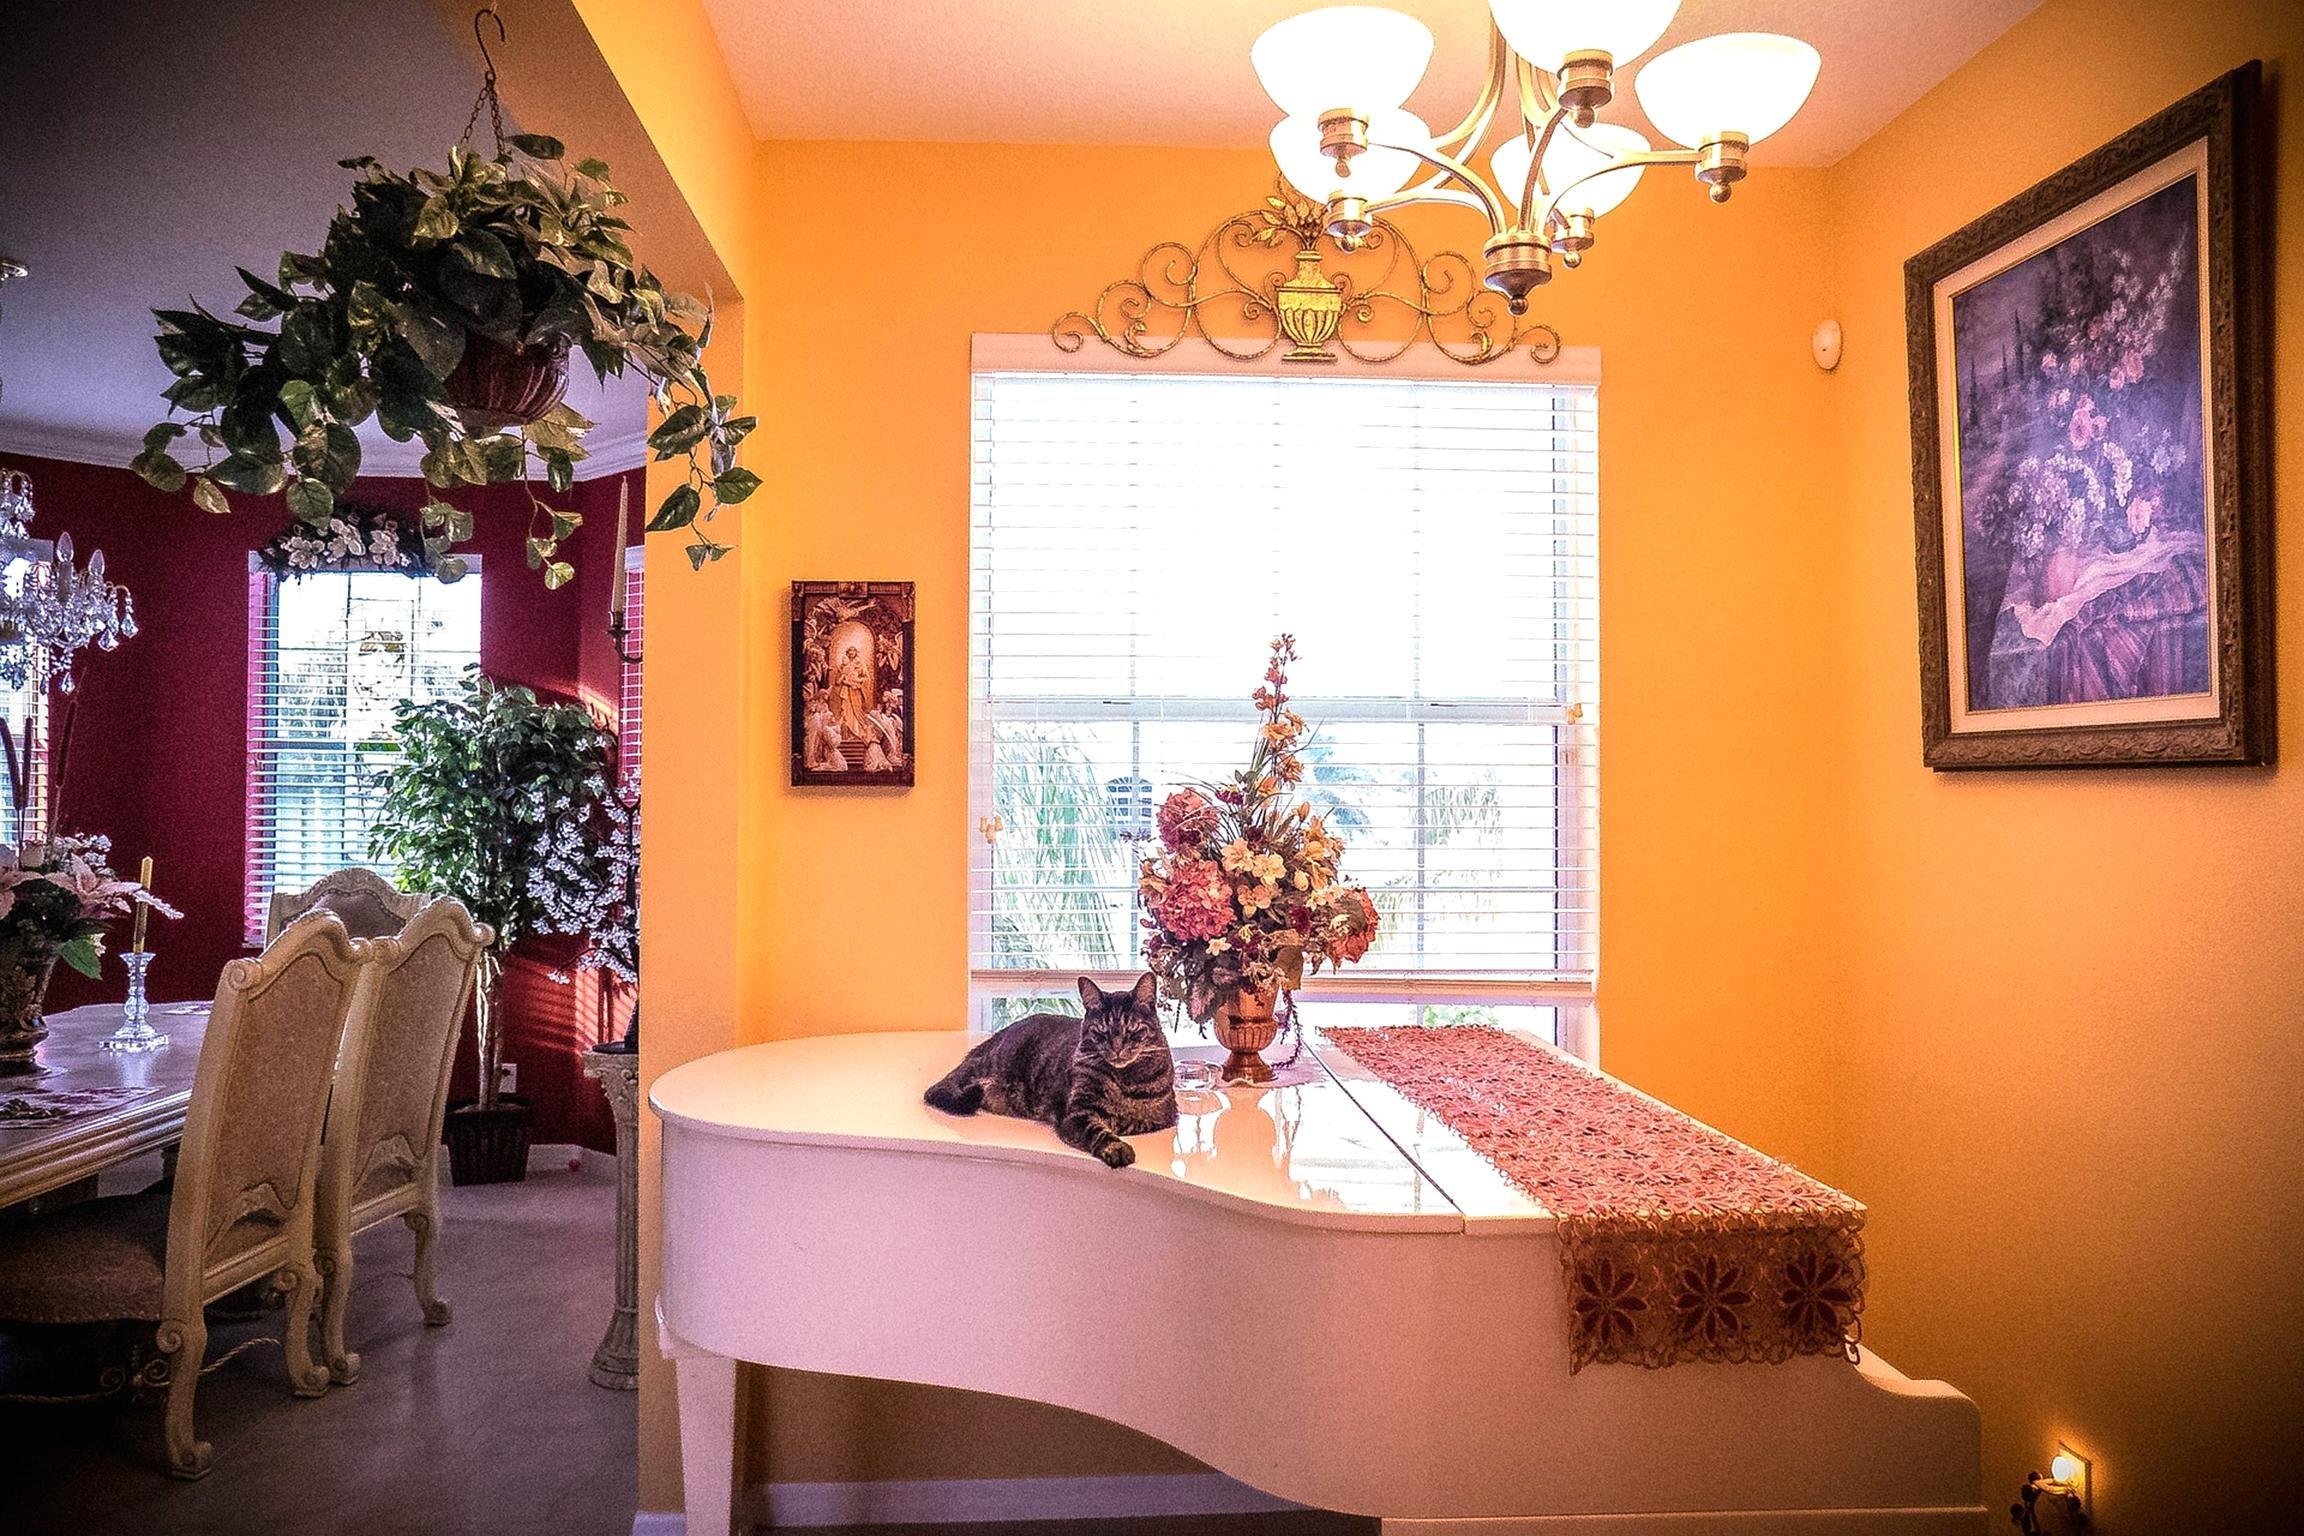 Perfect Room, Furniture, Window, Desk, House, Interior, Piano